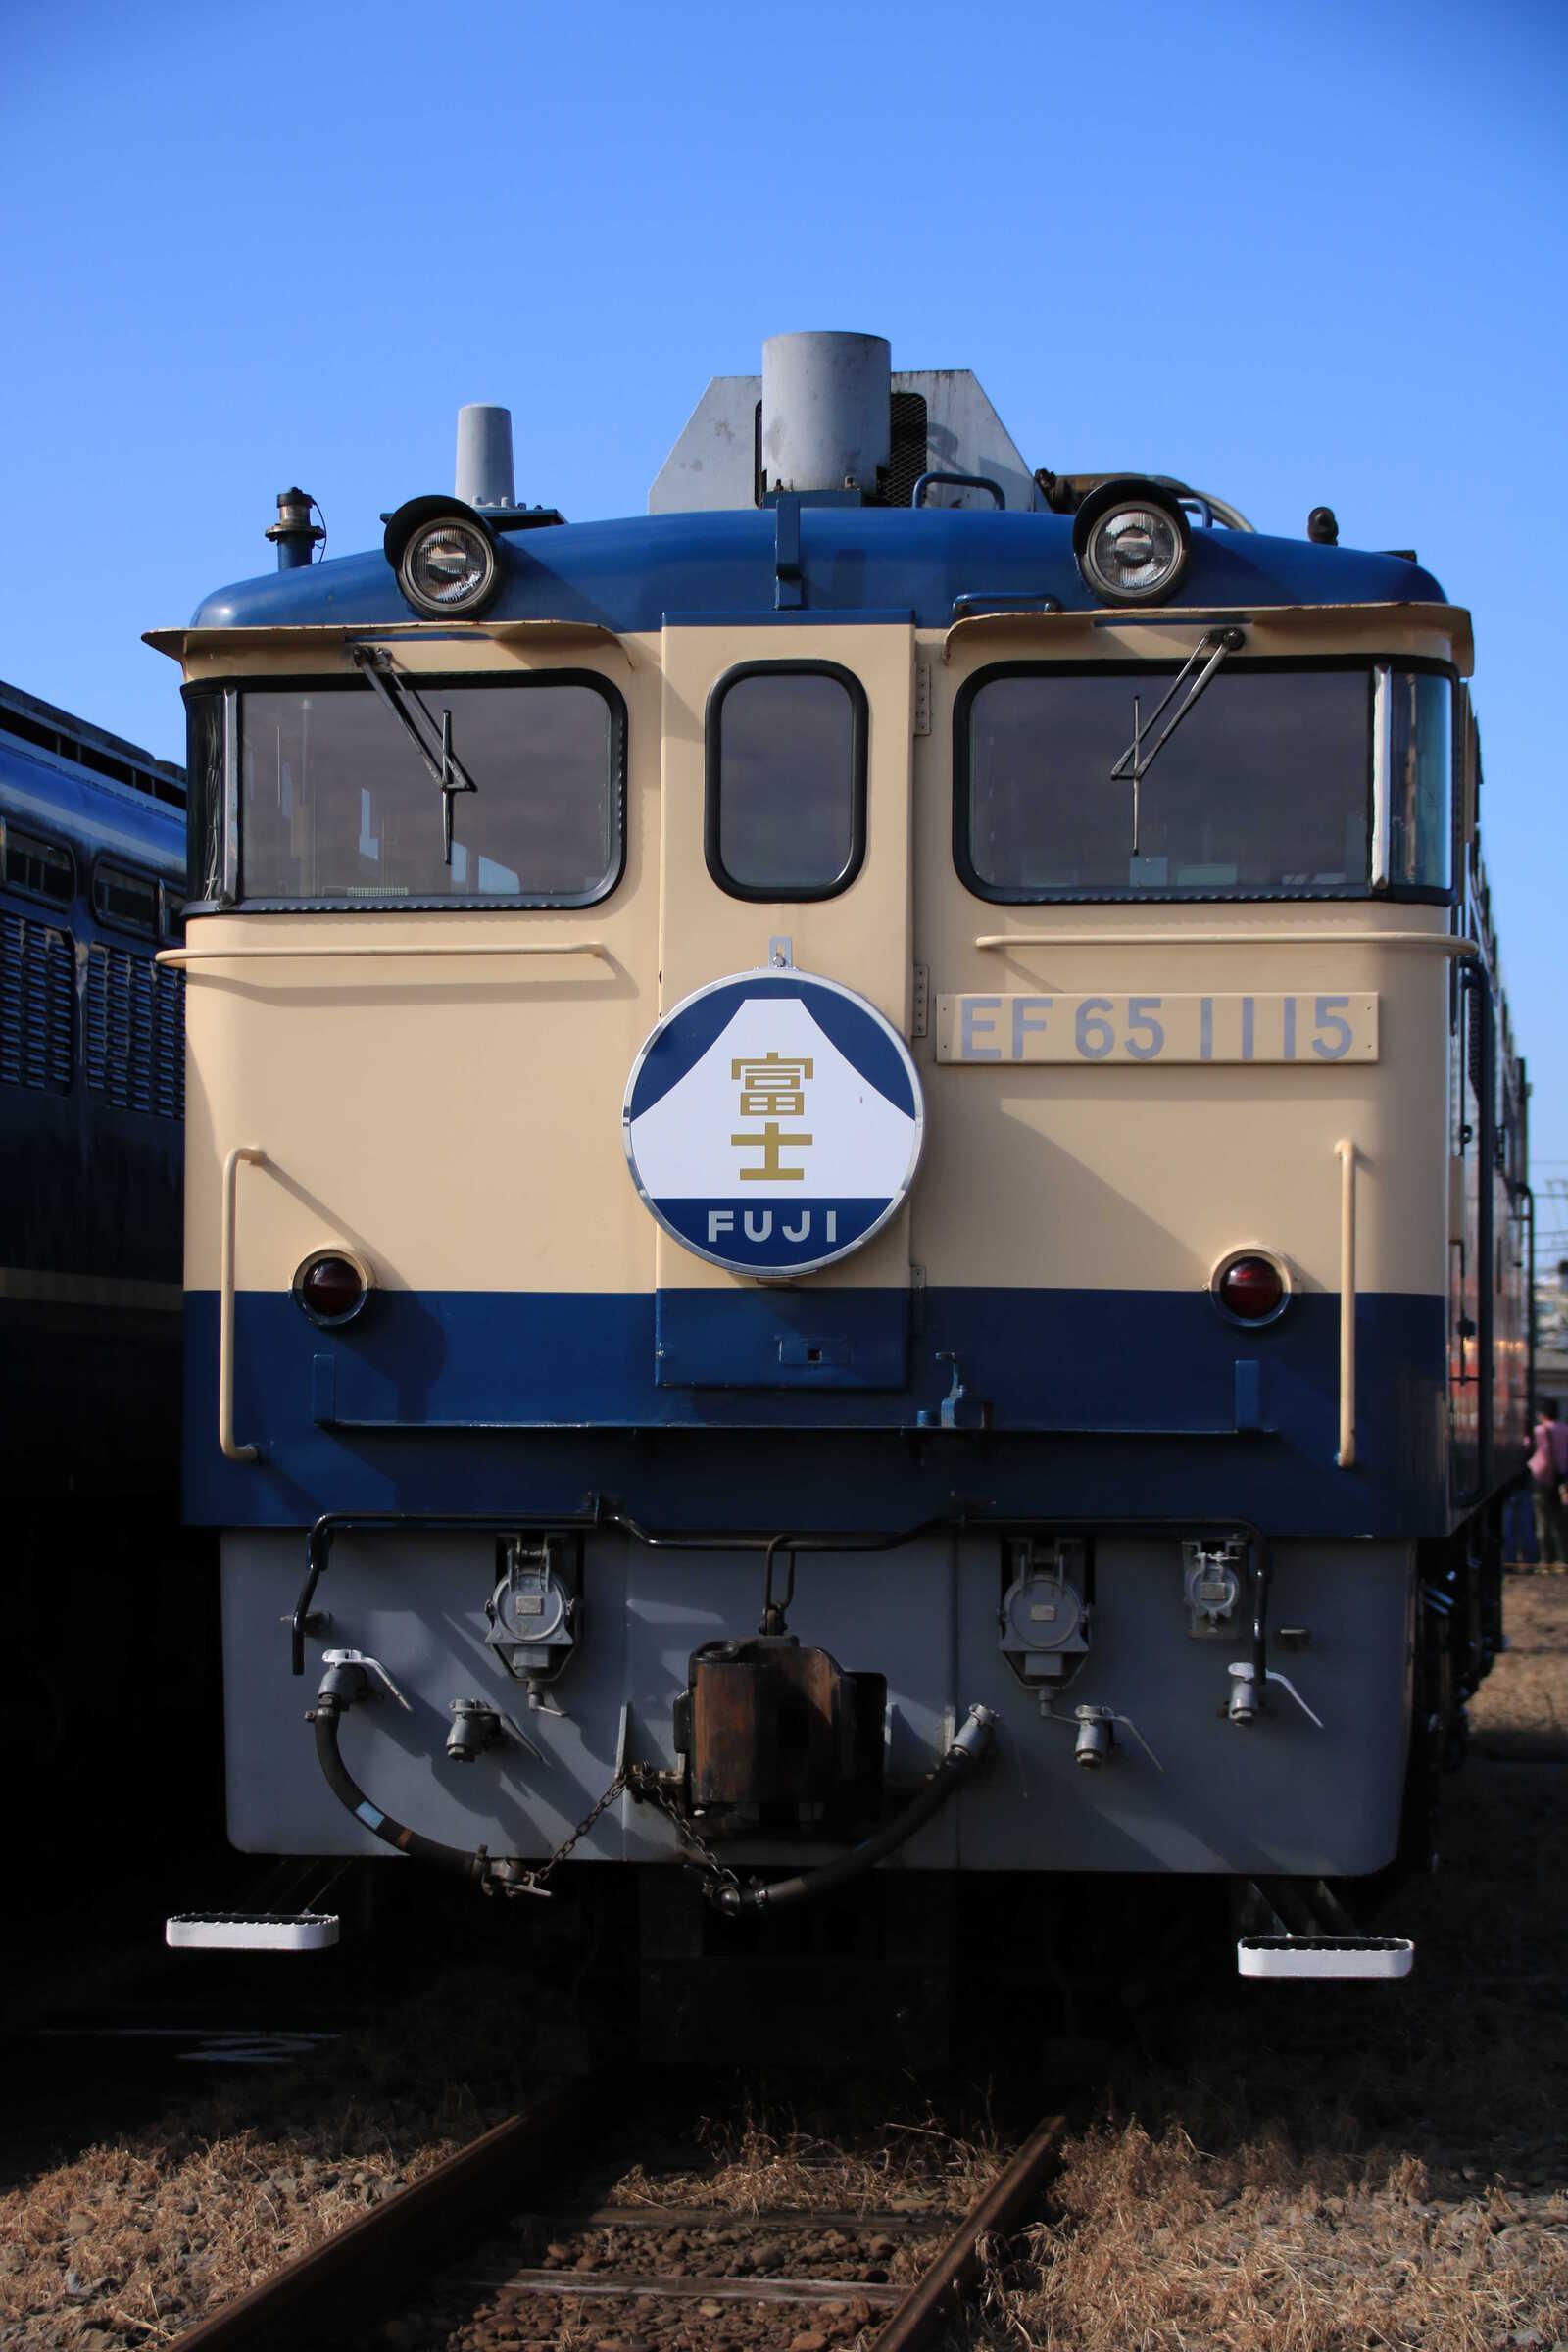 EF65-1115②[田] 富士ヘッドマーク